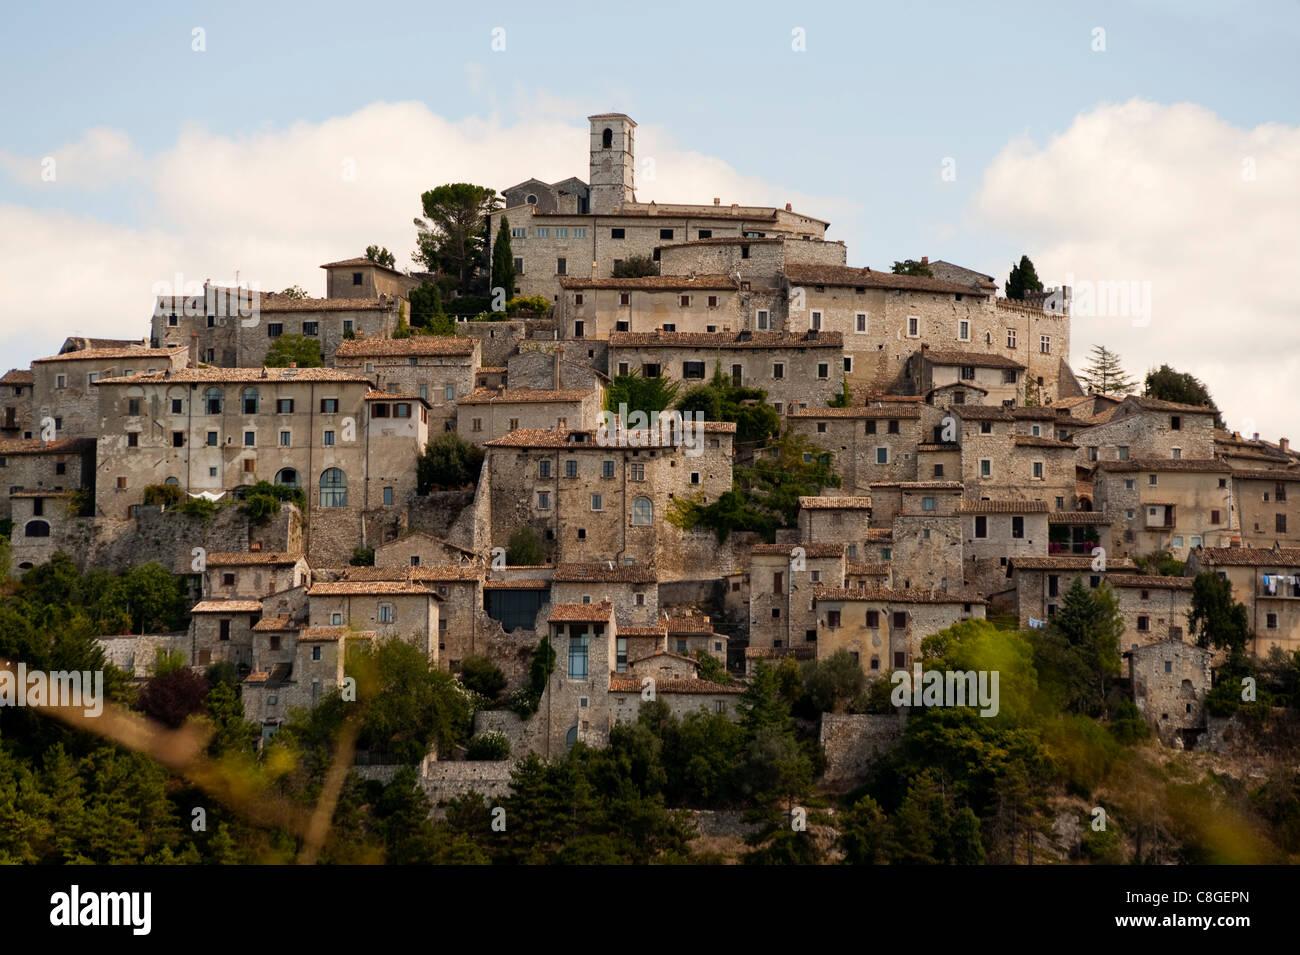 Medieval village of Labro, Rieti, Lazio, Italy - Stock Image